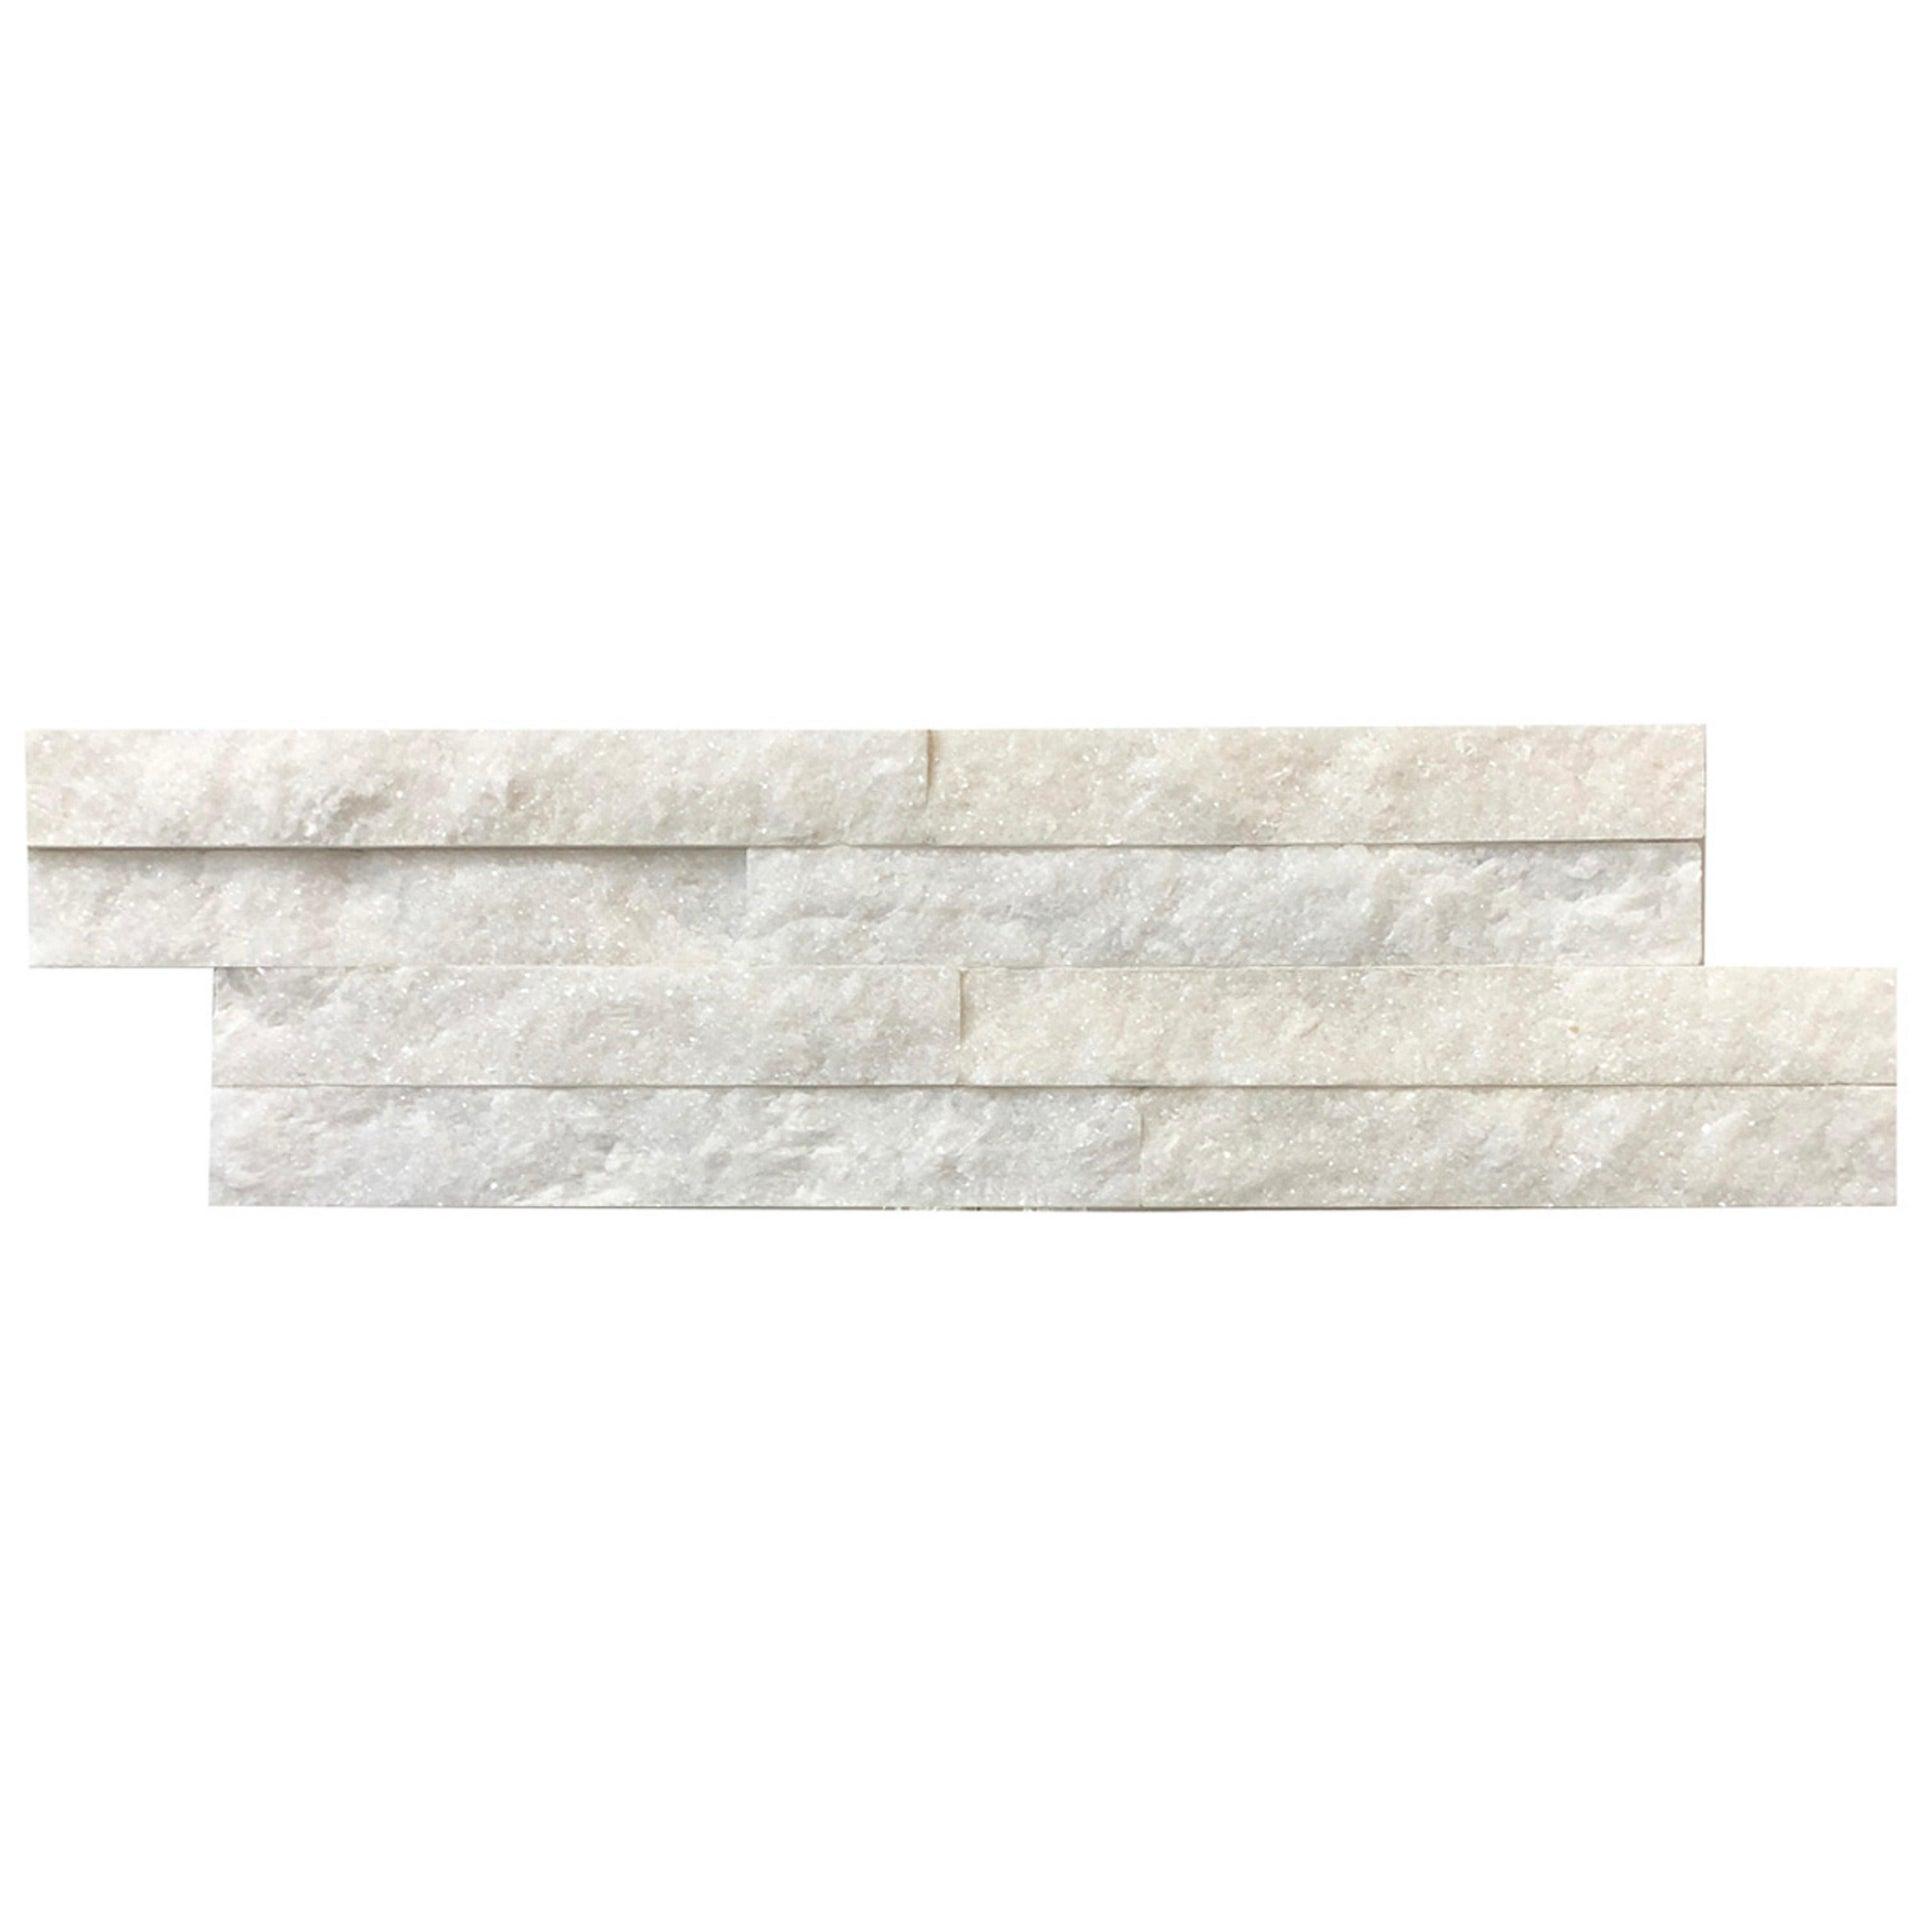 Rivestimento strutturato in pietra naturale Jimara L 36 x L 10 cm, Sp 12 mm interno / esterno - 3